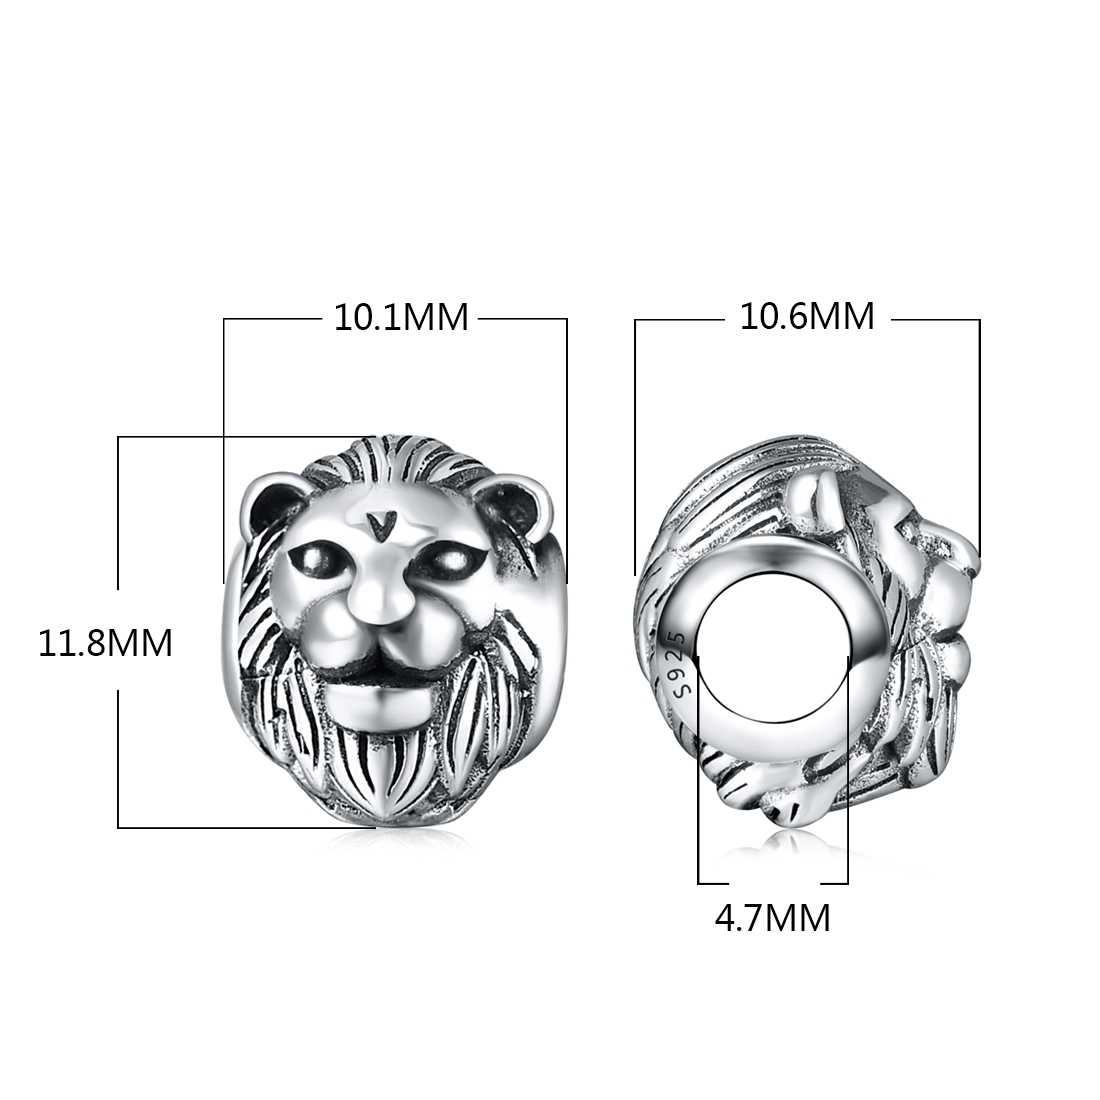 Dalaran genuíno 925 prata esterlina rei cabeça de leão contas annimal série encantos prata 925 original caber diy pandora pulseira